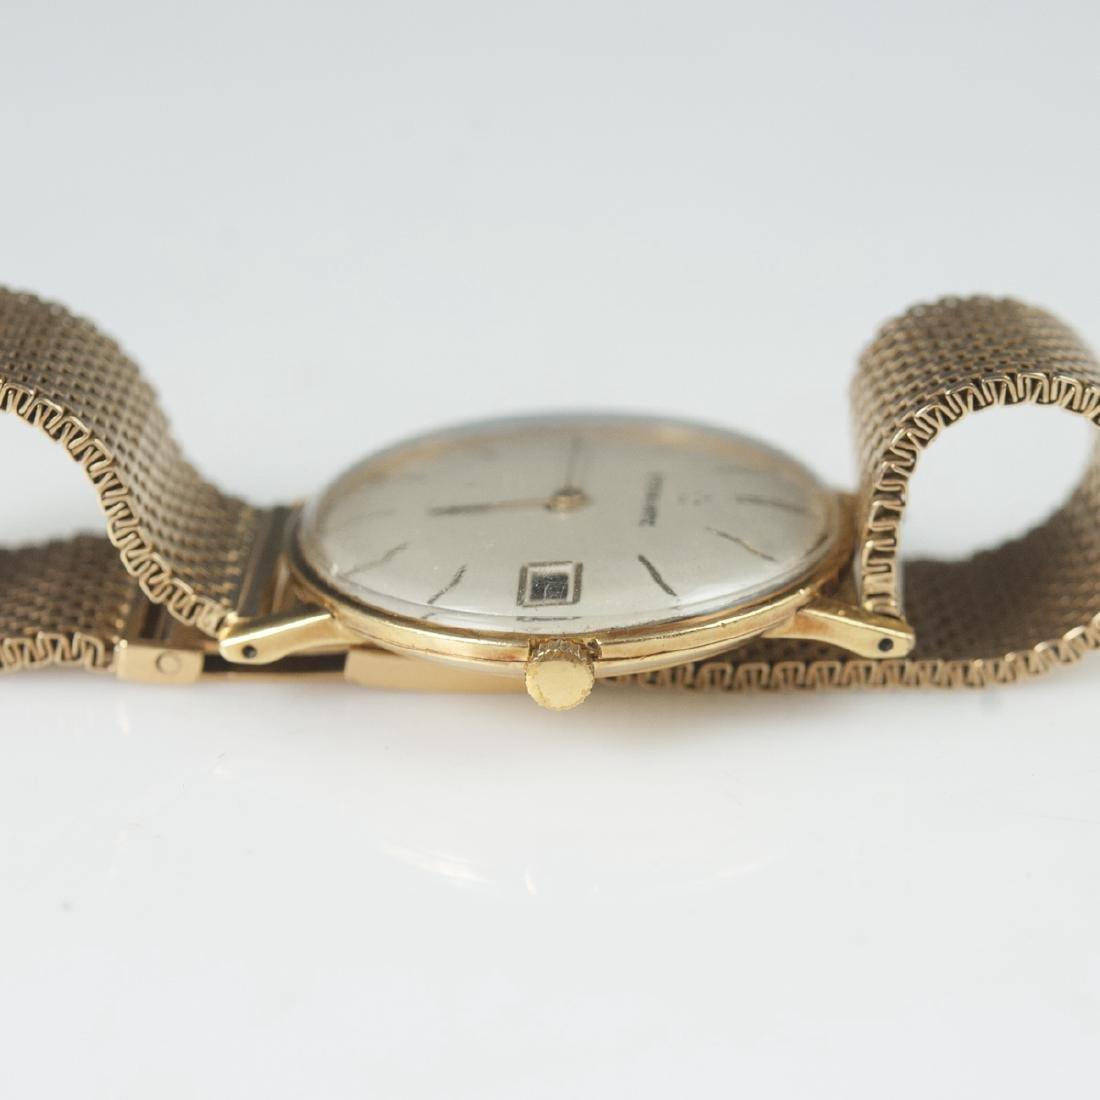 Eterna Matic 18kt Yellow Gold Watch - 4